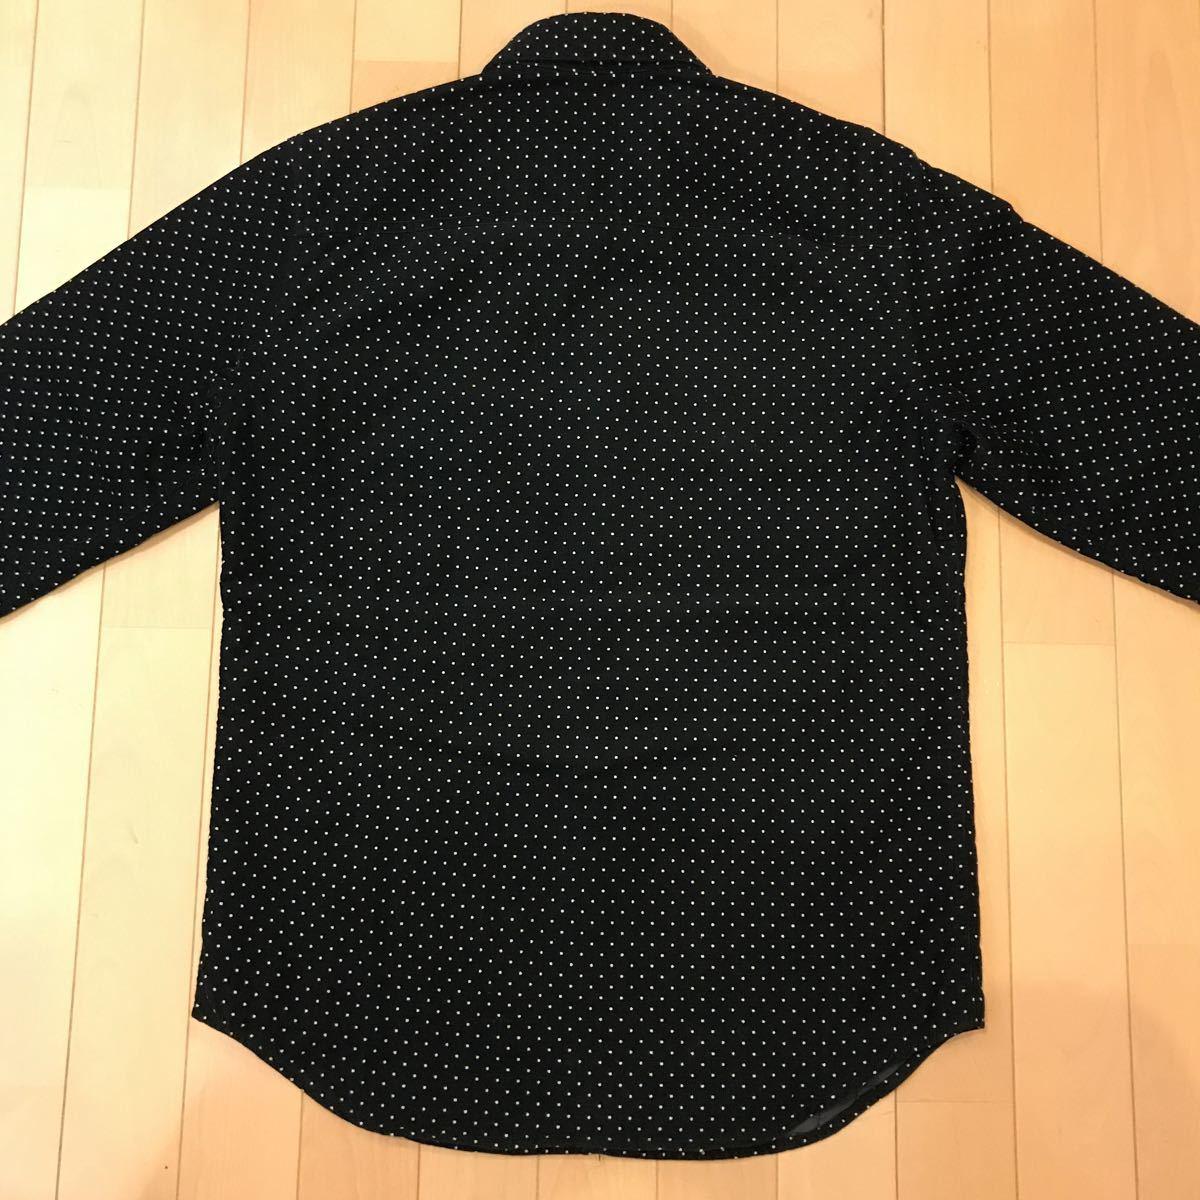 美品 Supreme Dot Corduroy Shirts 黒 S シュプリームドットコーデュロイシャツ 中綿ライナー_画像5